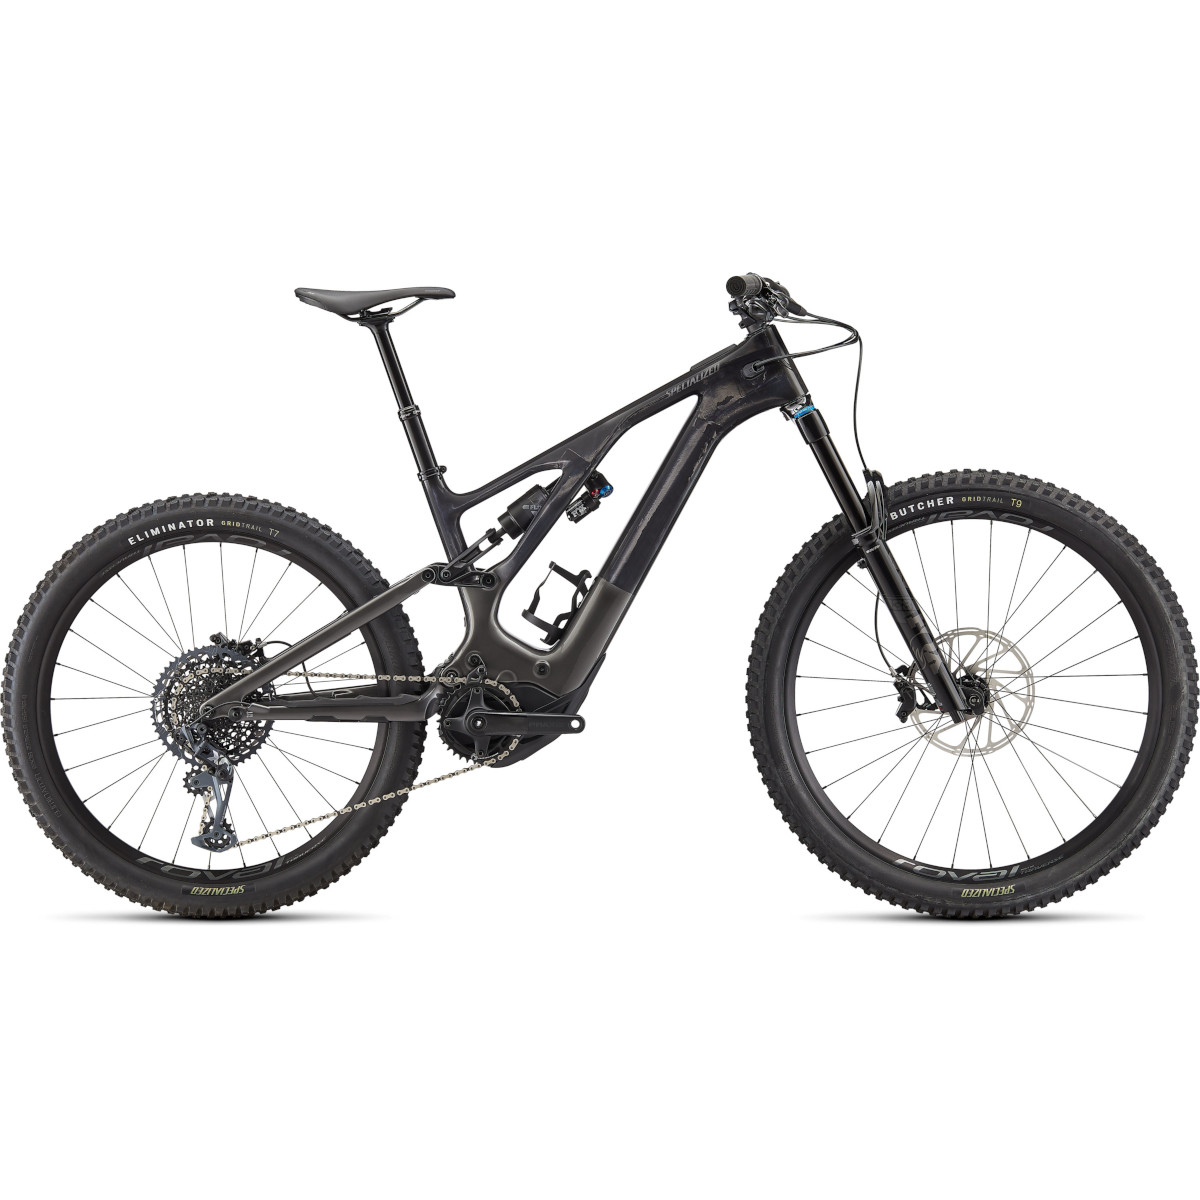 Foto de Specialized TURBO LEVO EXPERT - Bicicleta eléctrica de montaña Carbono - 2022 - carbon / smoke / black